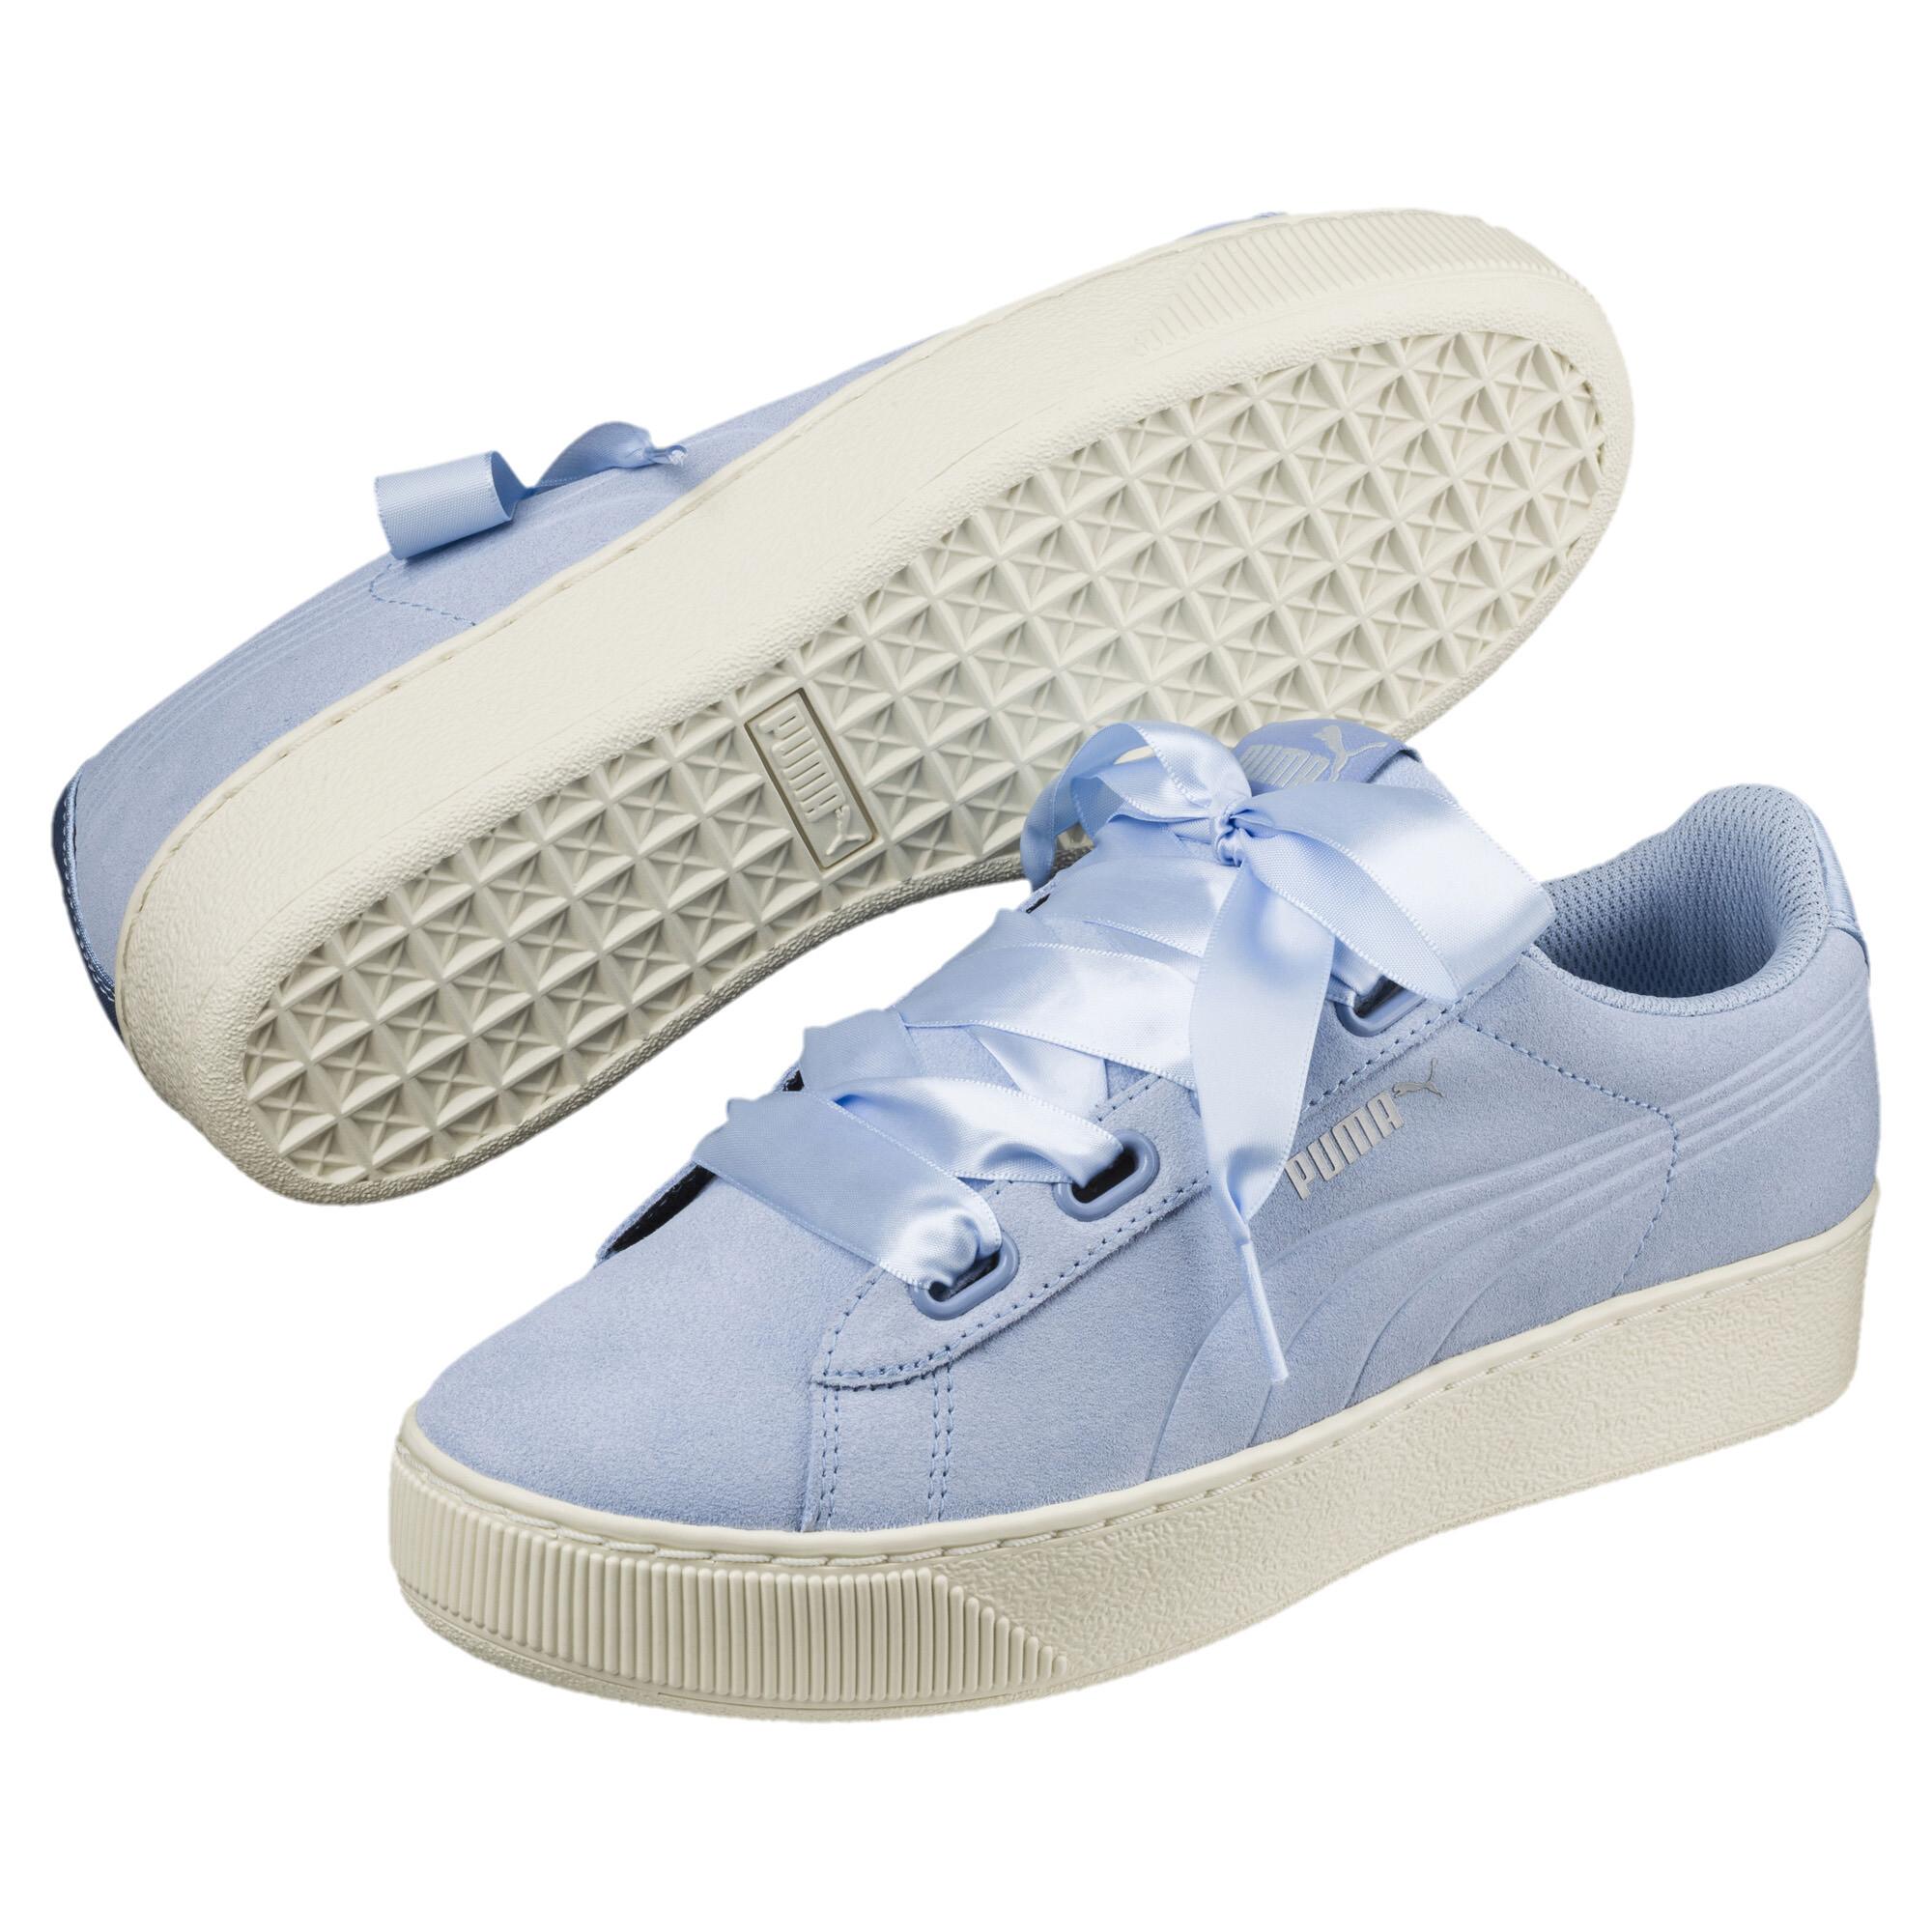 6999e86191c Vikky Platform Ribbon Womens' Sneakers | 80 - Blue | Puma